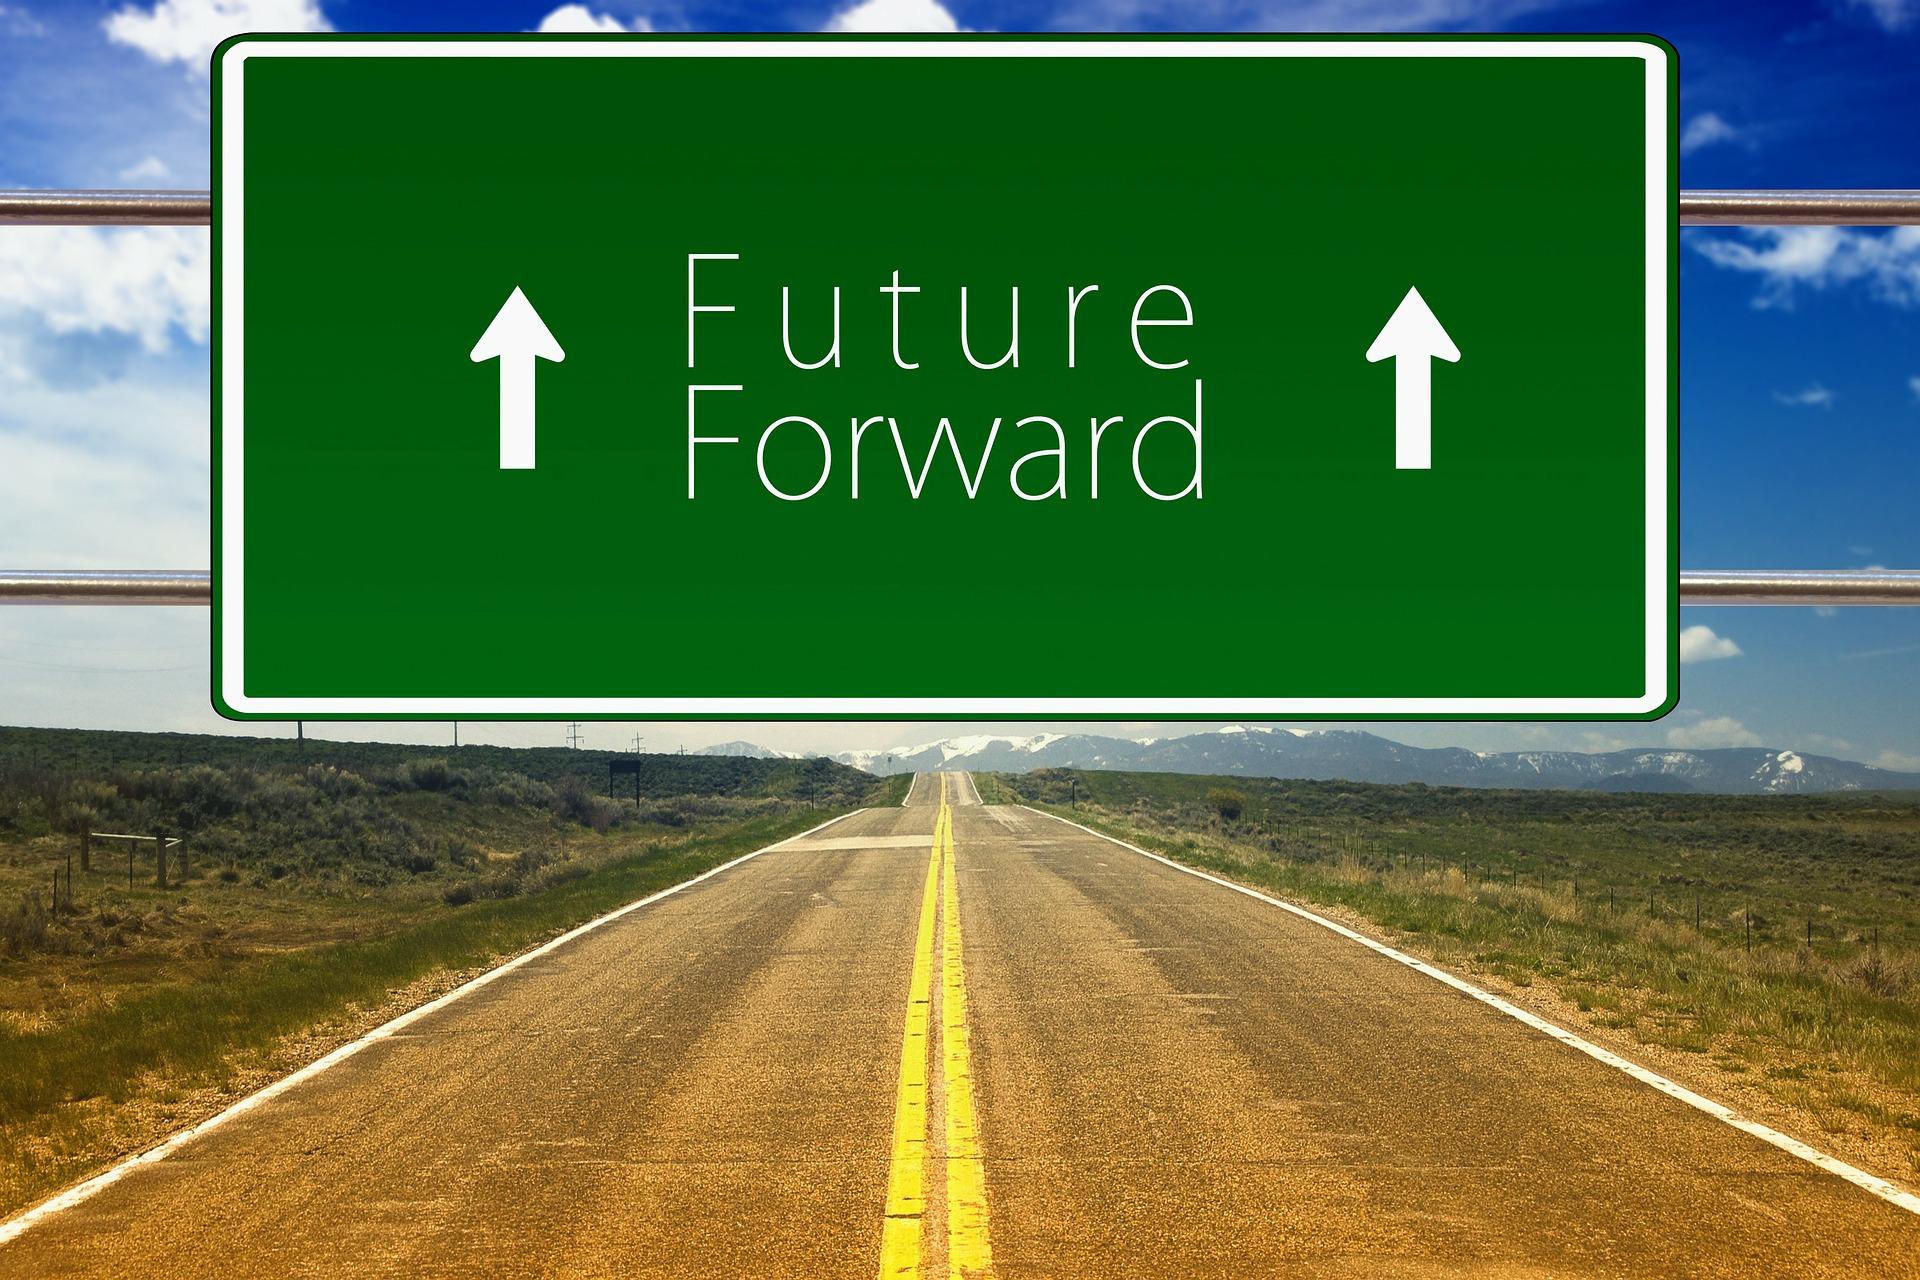 """Lång rak väg genom ett öde landskap med en stor skylt över med texten """"Future Forward"""" och två pilar som pekar uppåt/framåt"""